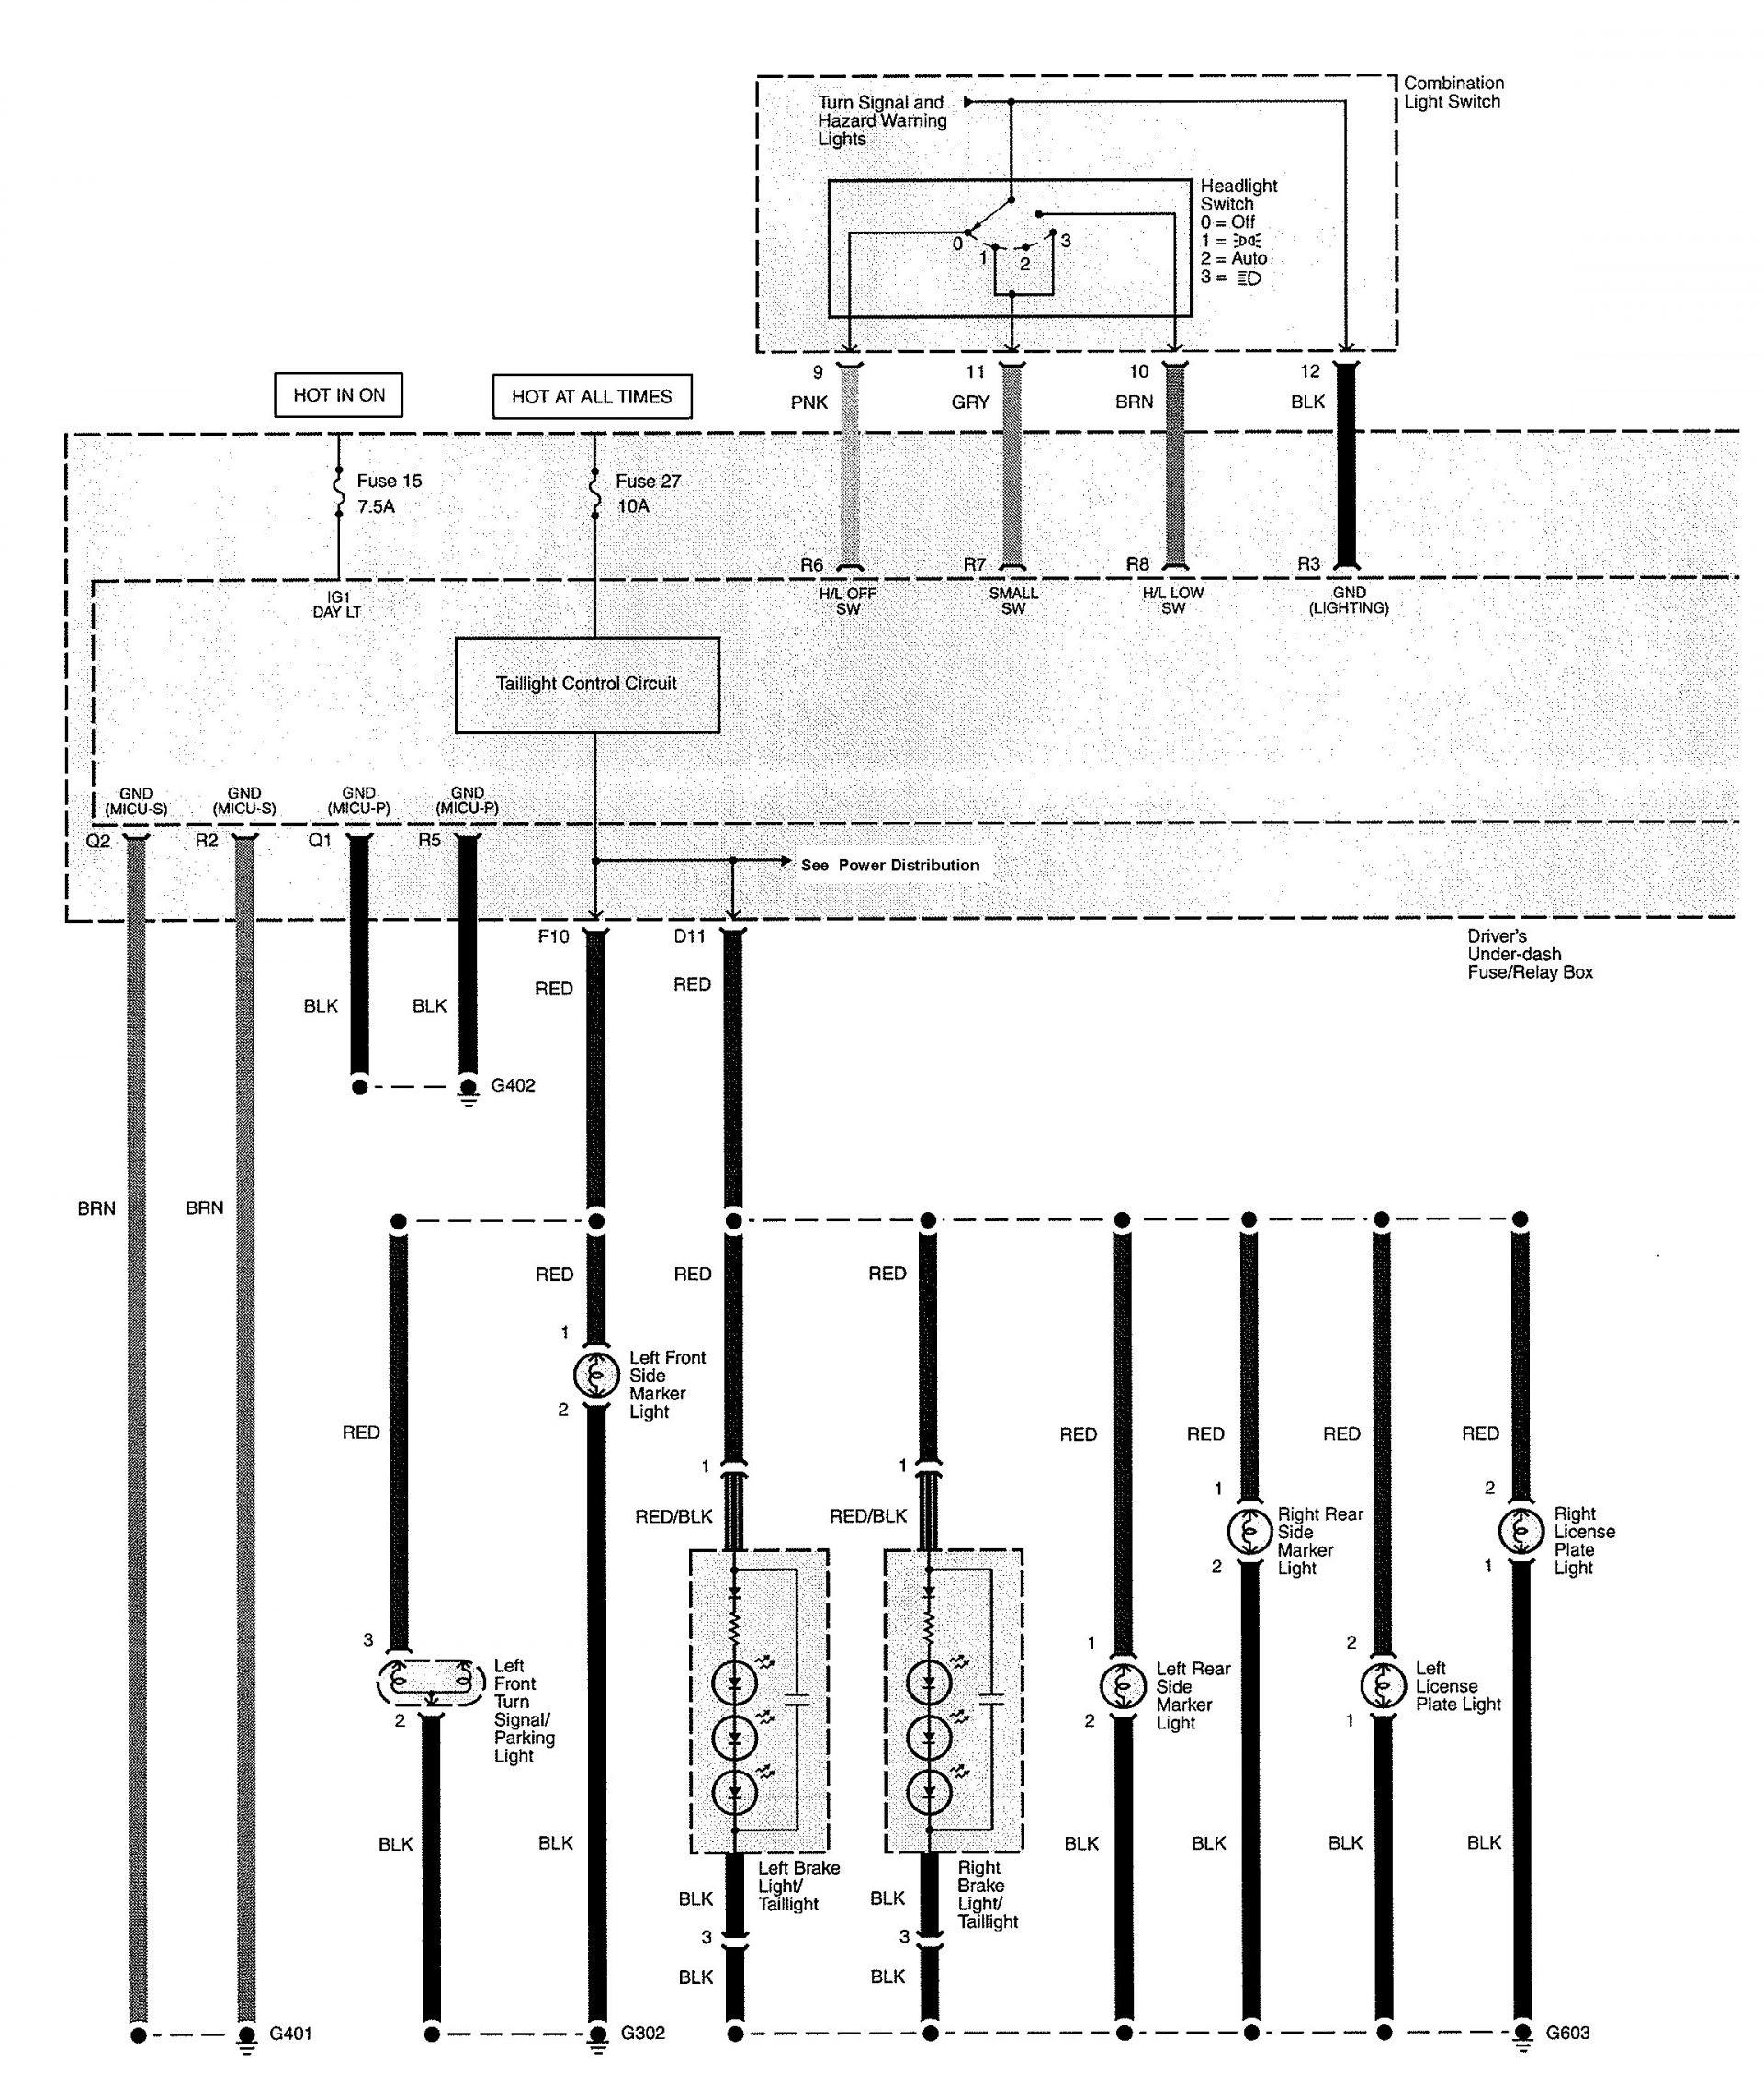 Cutler Hammer Starter Wiring Diagram Ecn0501aaa Wiring Diagram Wiring Diagram Of Cutler Hammer Starter Wiring Diagram